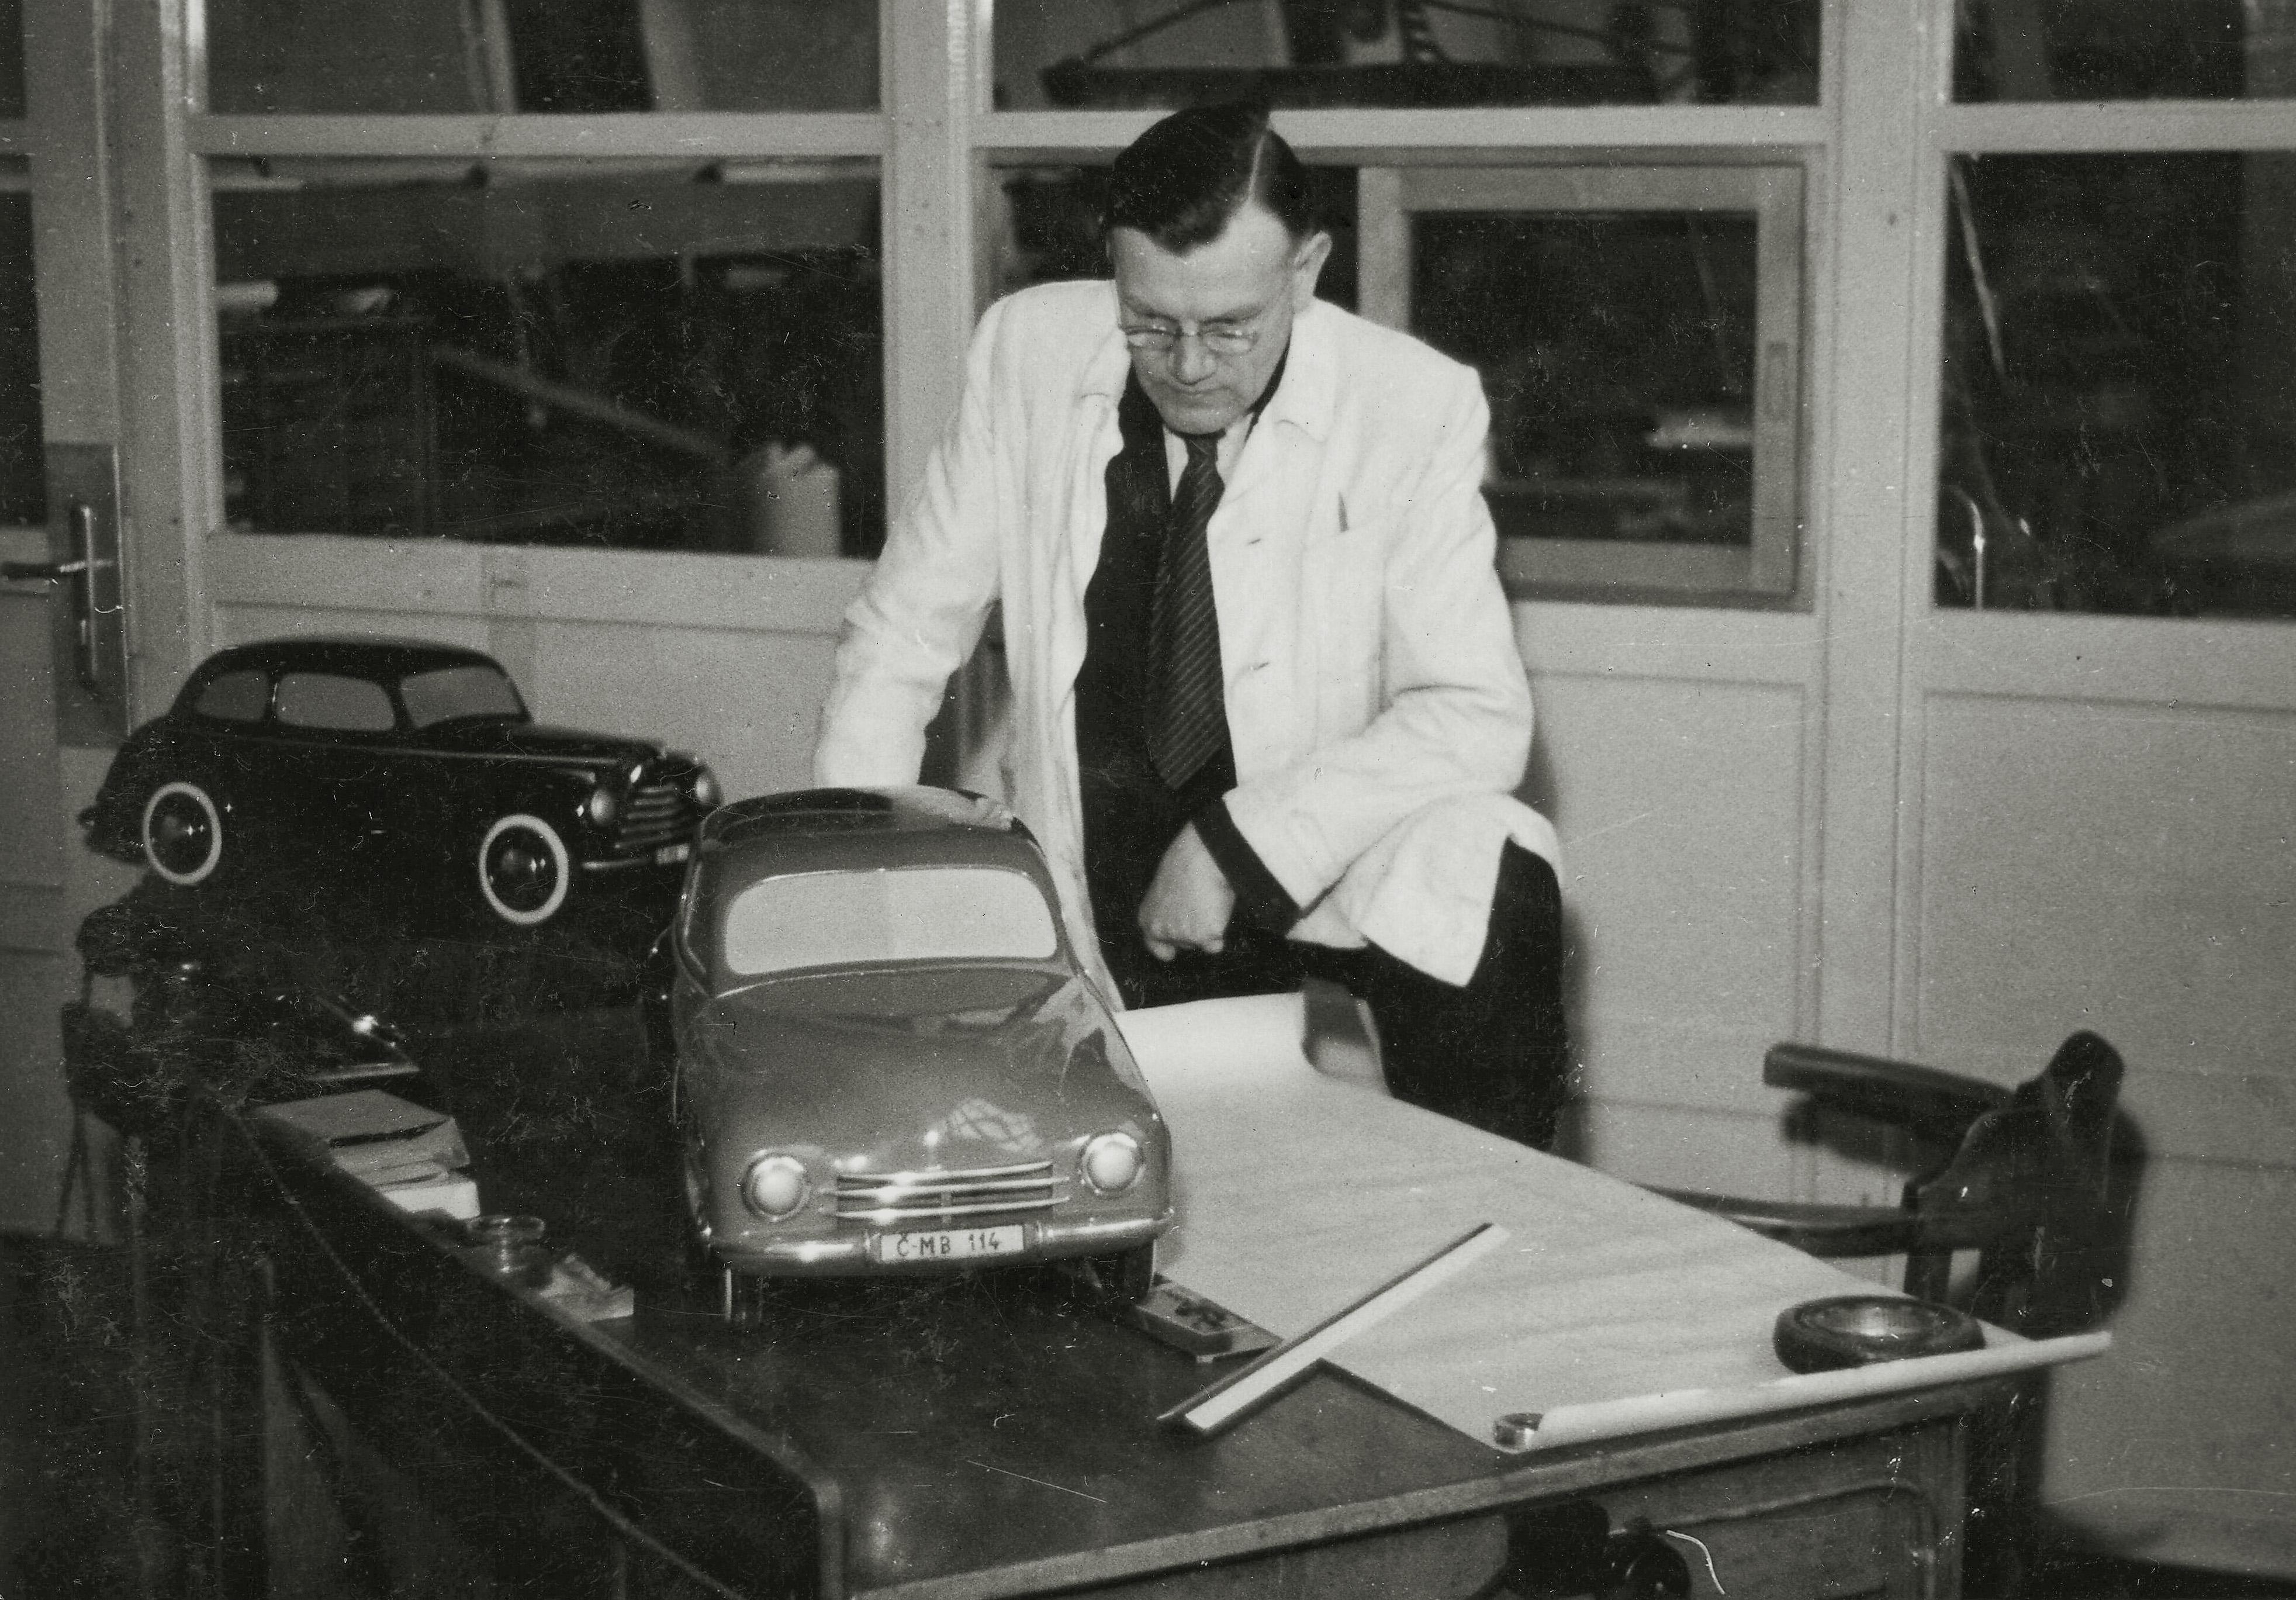 Josef-Velebnz-1950.JPG